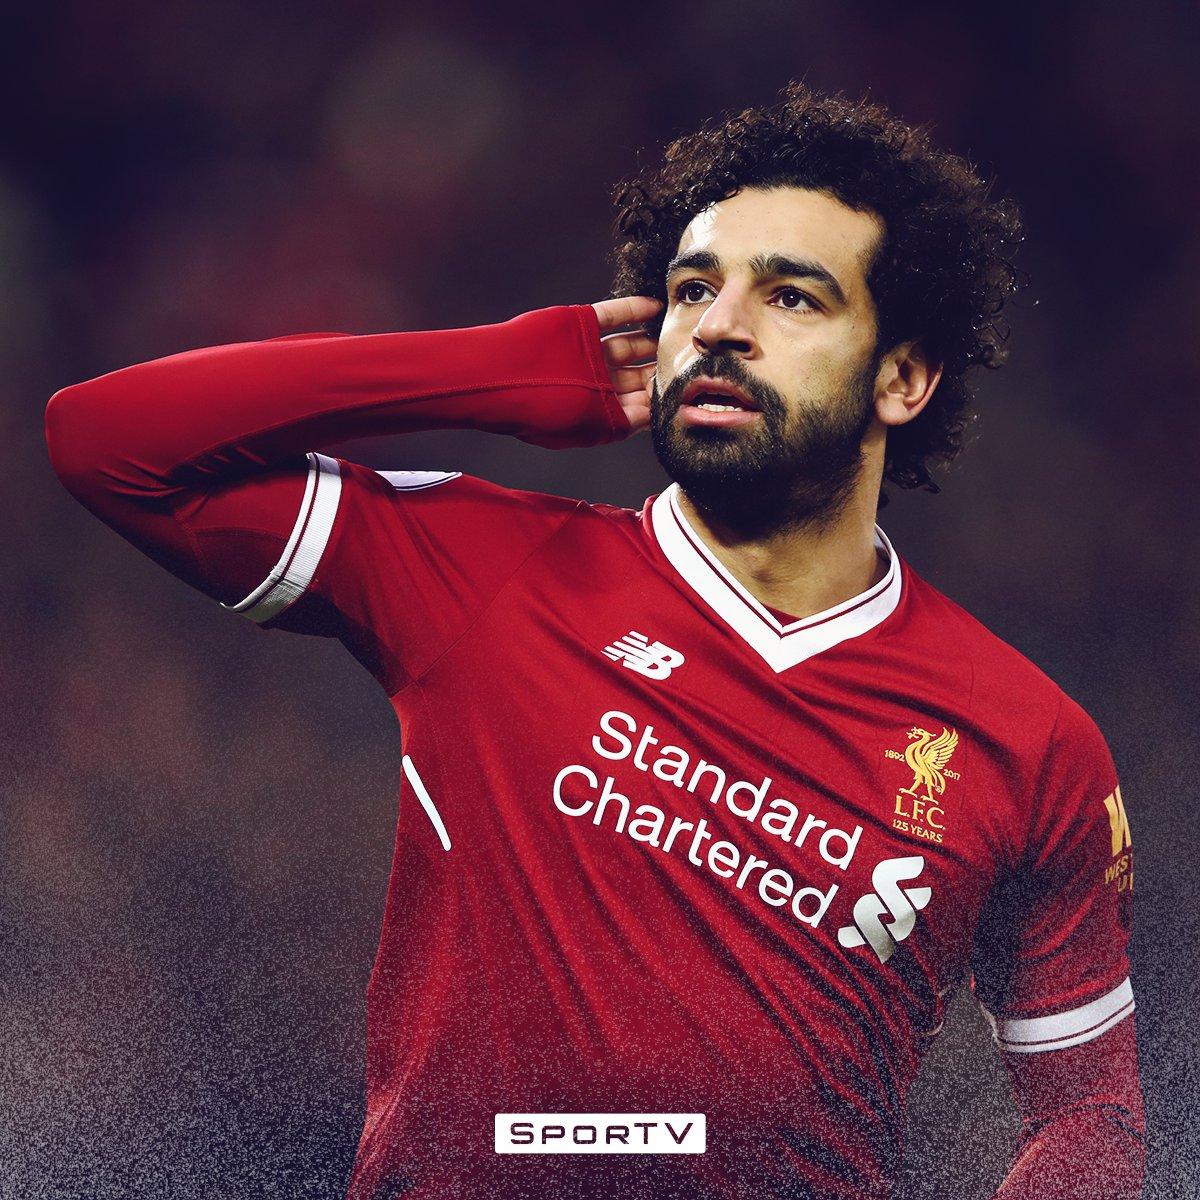 Em grande fase no Liverpool, o atacante Mohamed Salah bate um bolão também fora dos campos. Além de fazer doações para a construção de uma escola na região onde cresceu, o jogador também ajudou na reforma do hospital e na compra de ambulâncias para sua cidade. #CampeõesSporTV